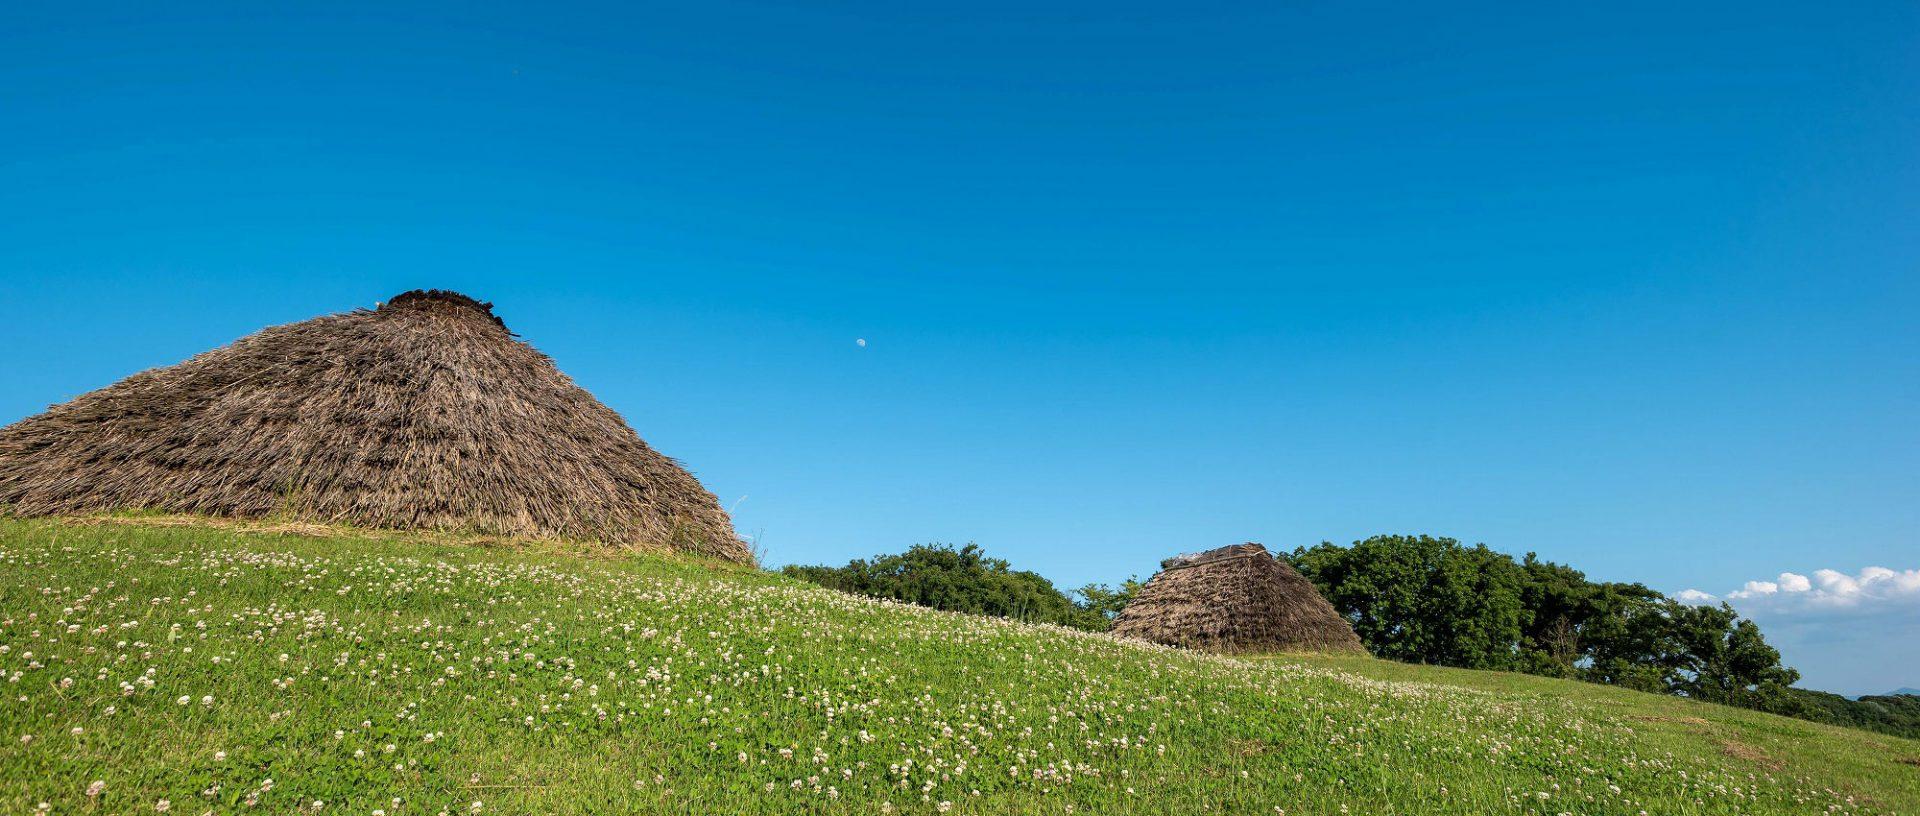 樺山遺跡 竪穴式住居